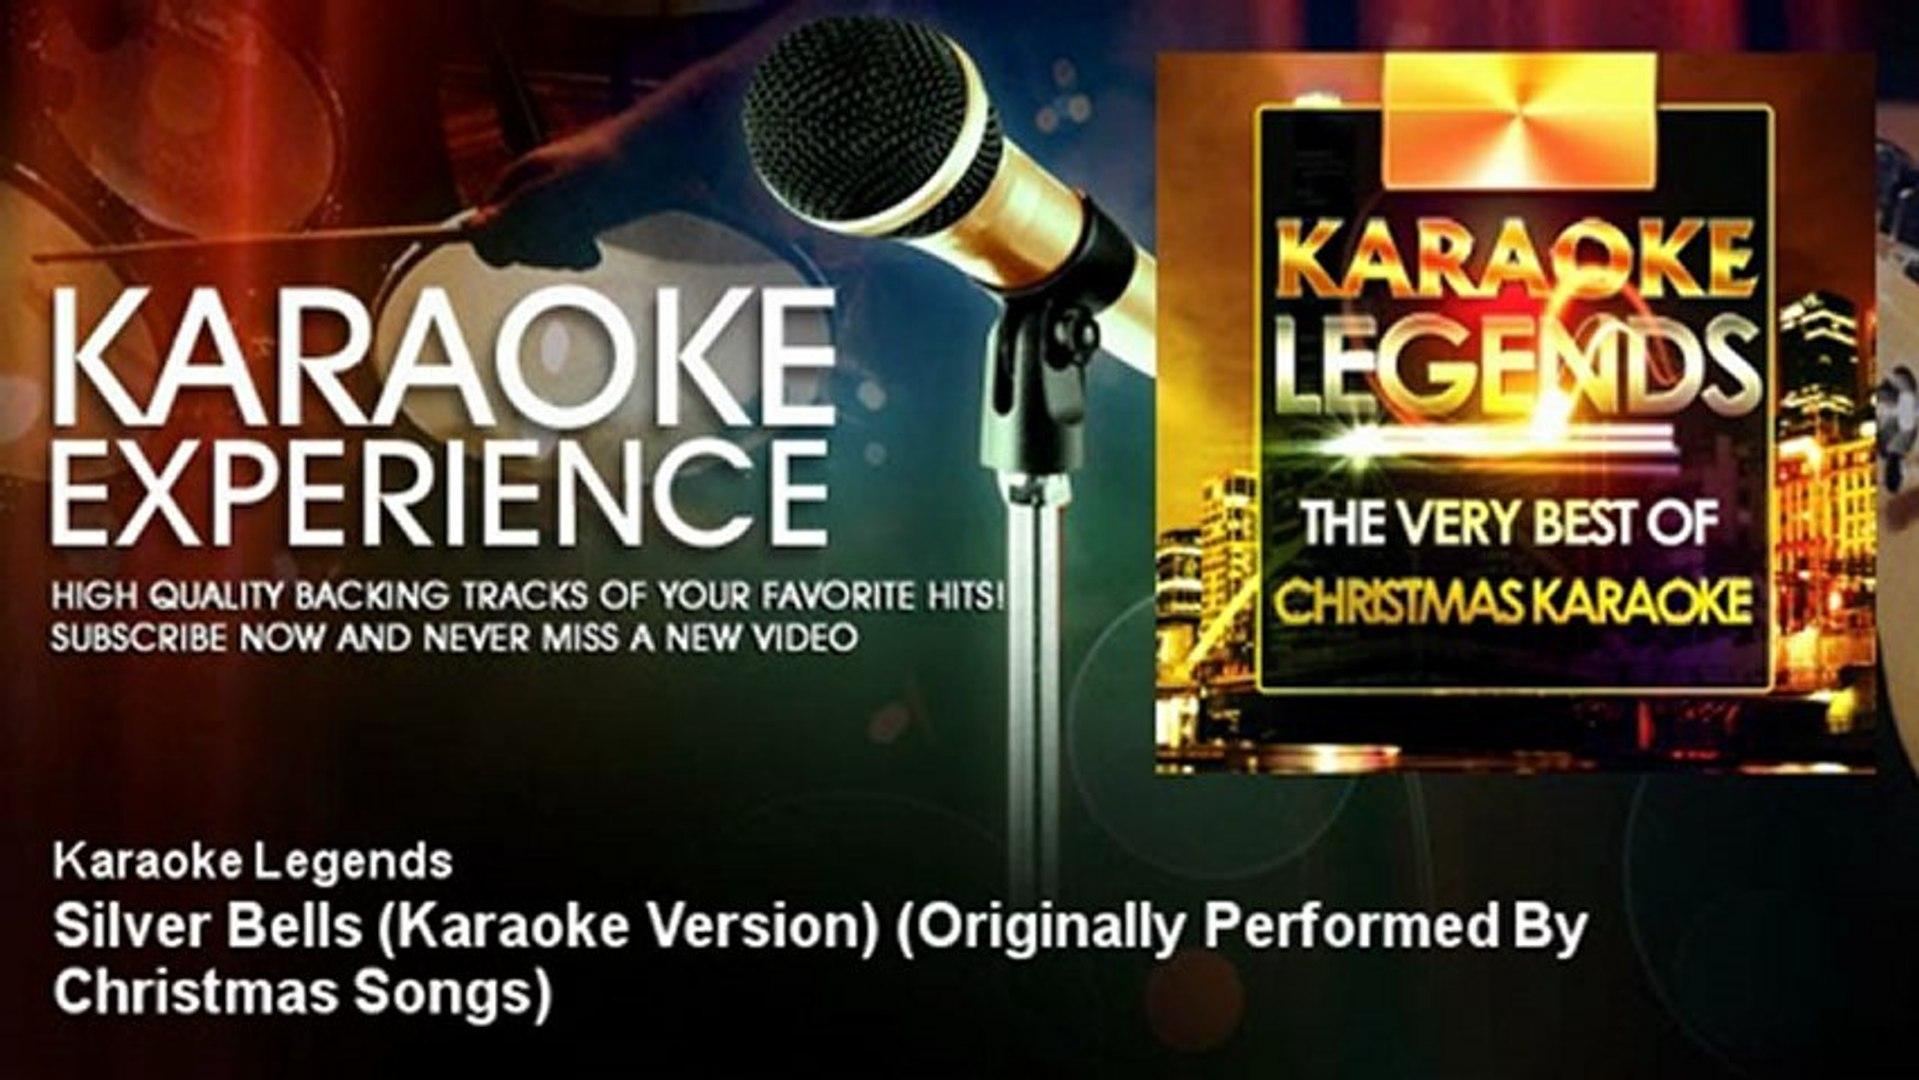 Karaoke Christmas Songs.Karaoke Legends Silver Bells Karaoke Version Originally Performed By Christmas Songs